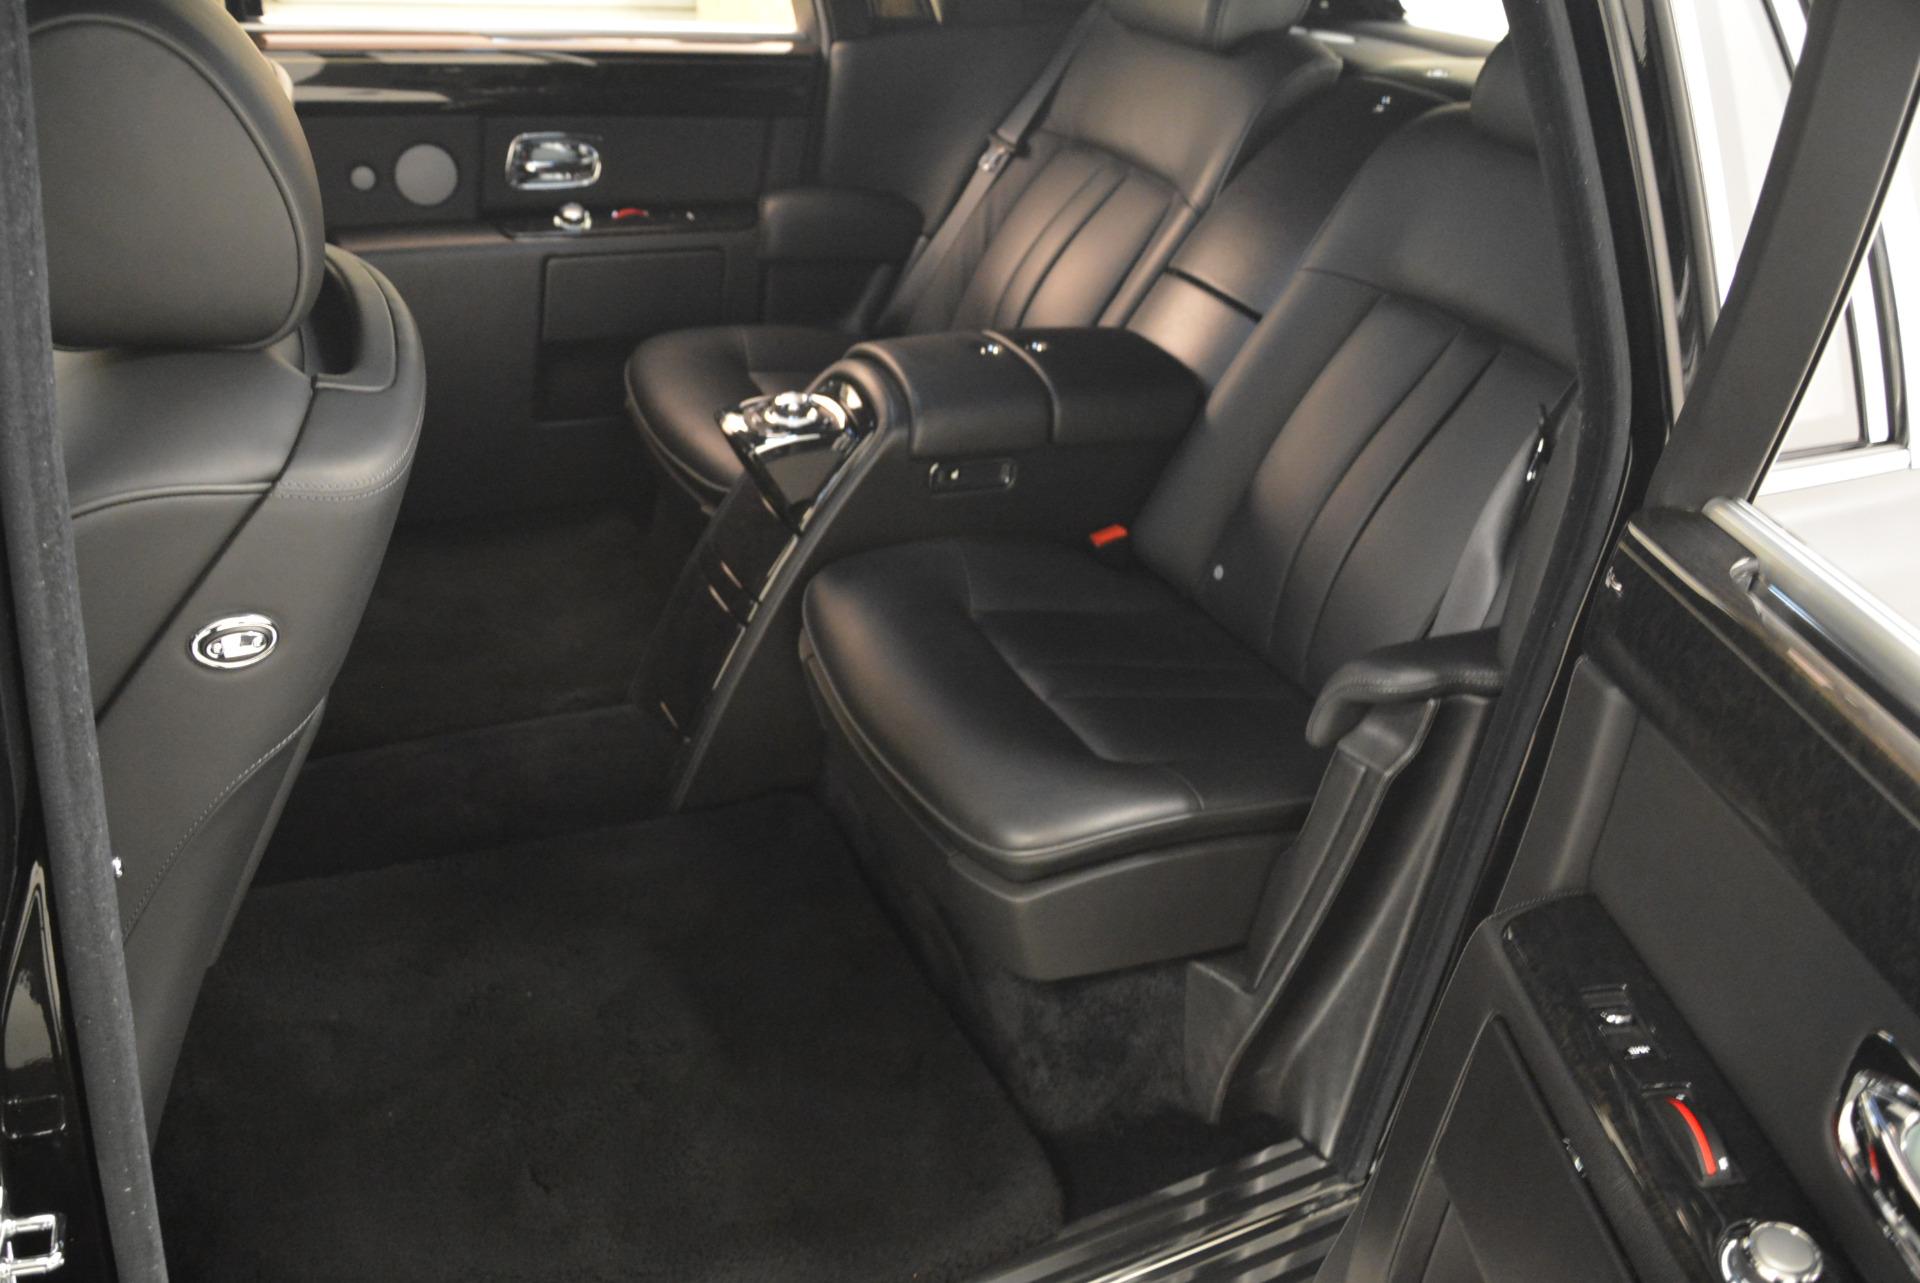 Used 2014 Rolls-Royce Phantom EWB For Sale In Greenwich, CT 2051_p28